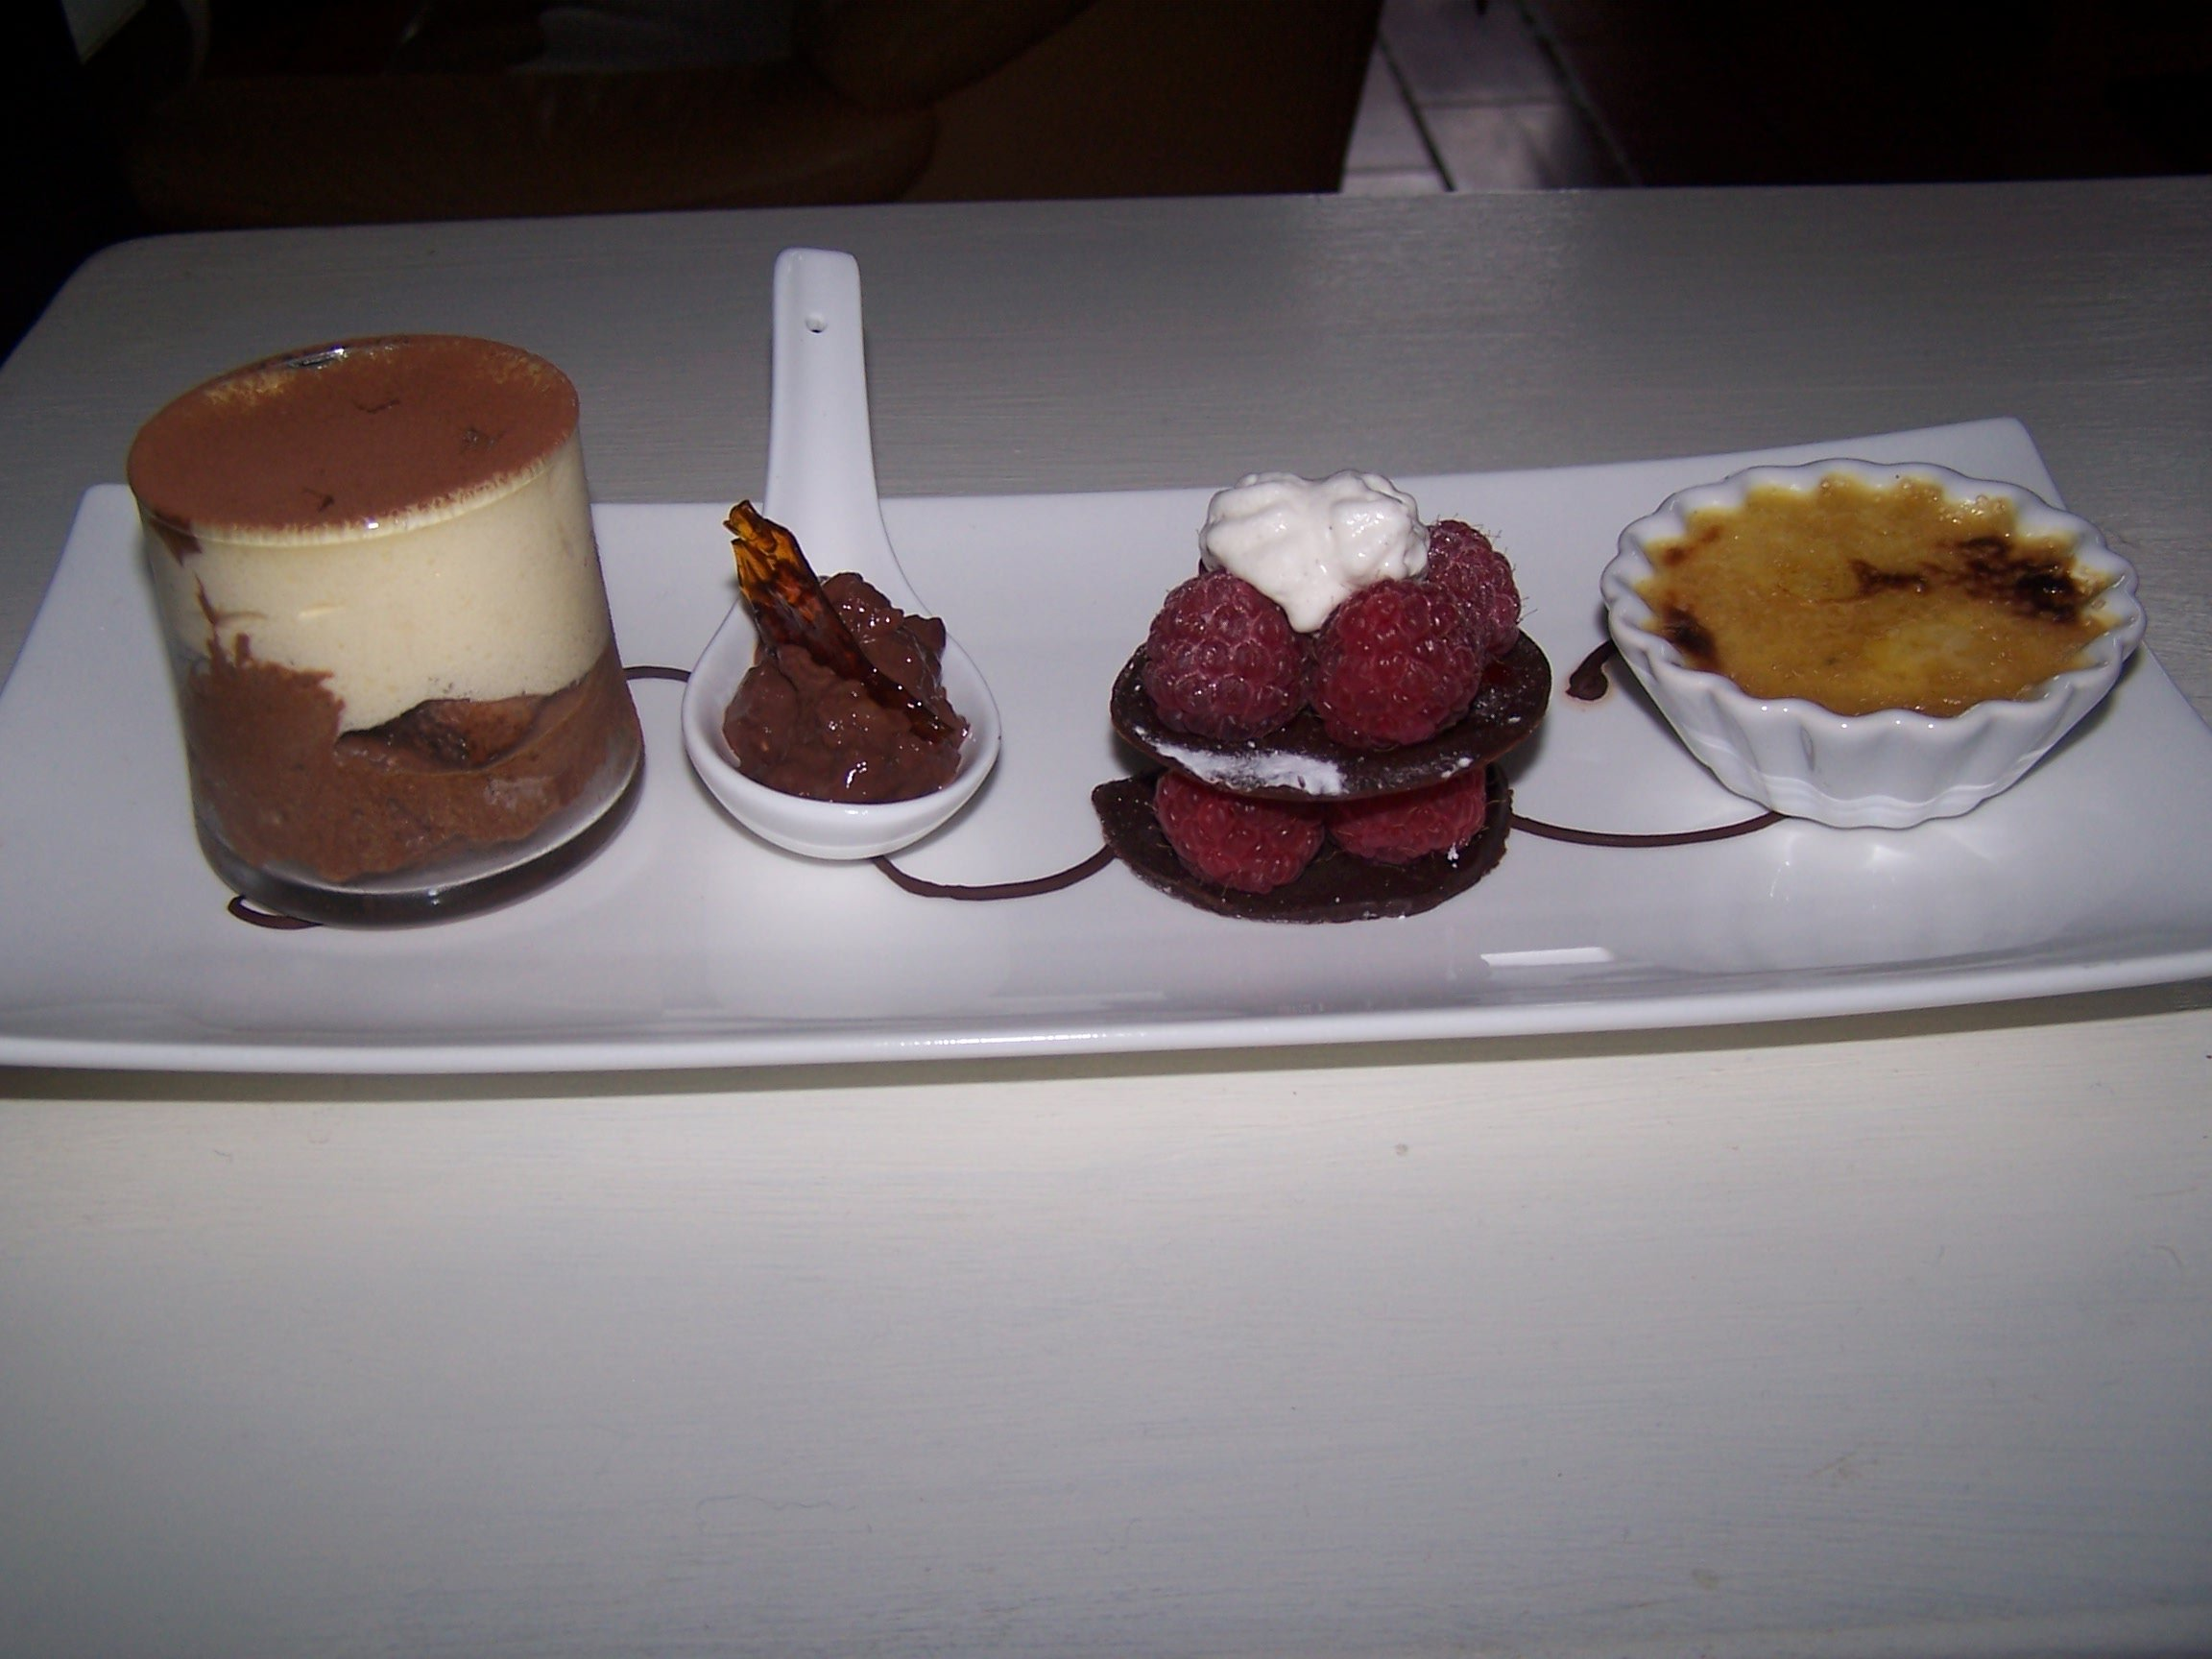 Maminou s cuisine et d coration chocolat d clin pour un caf gourmand - Assiette rectangulaire pour cafe gourmand ...